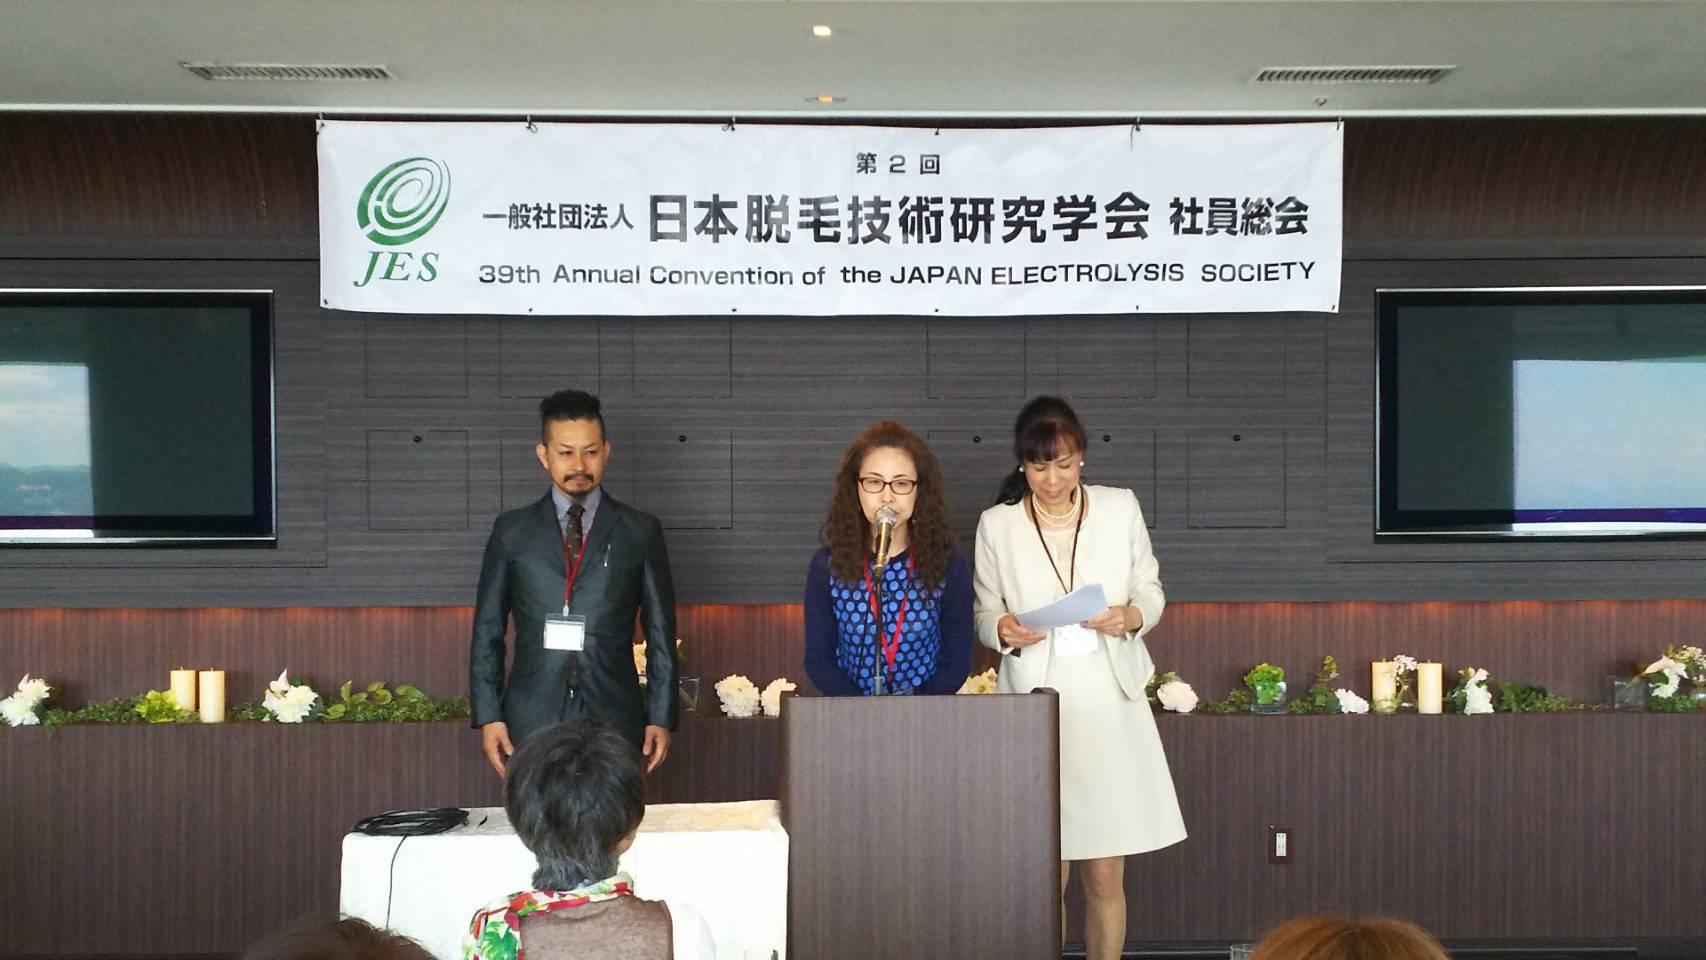 39周年★日本脱毛技術研究学会の総会と勉強会に行ってきました _f0135940_23314737.jpg